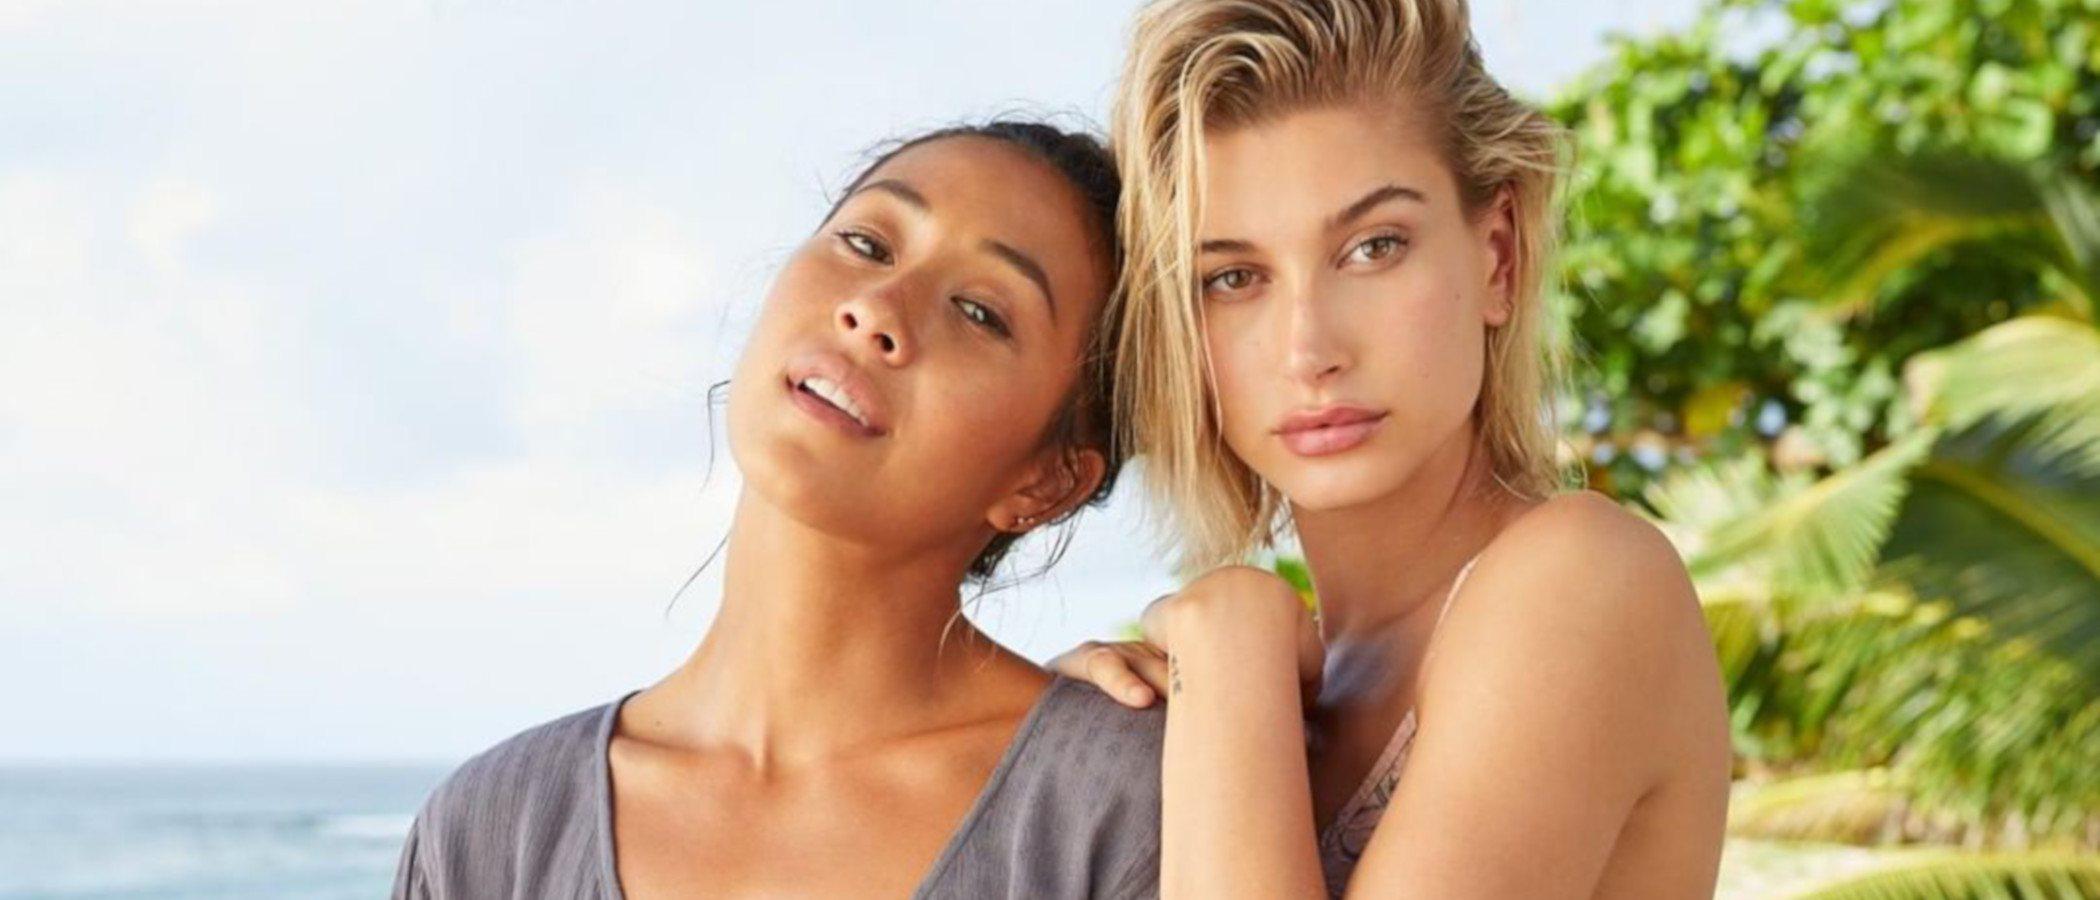 La nueva colección verano 2019 de Sister se llena de sensualidad con Hailey Baldwin